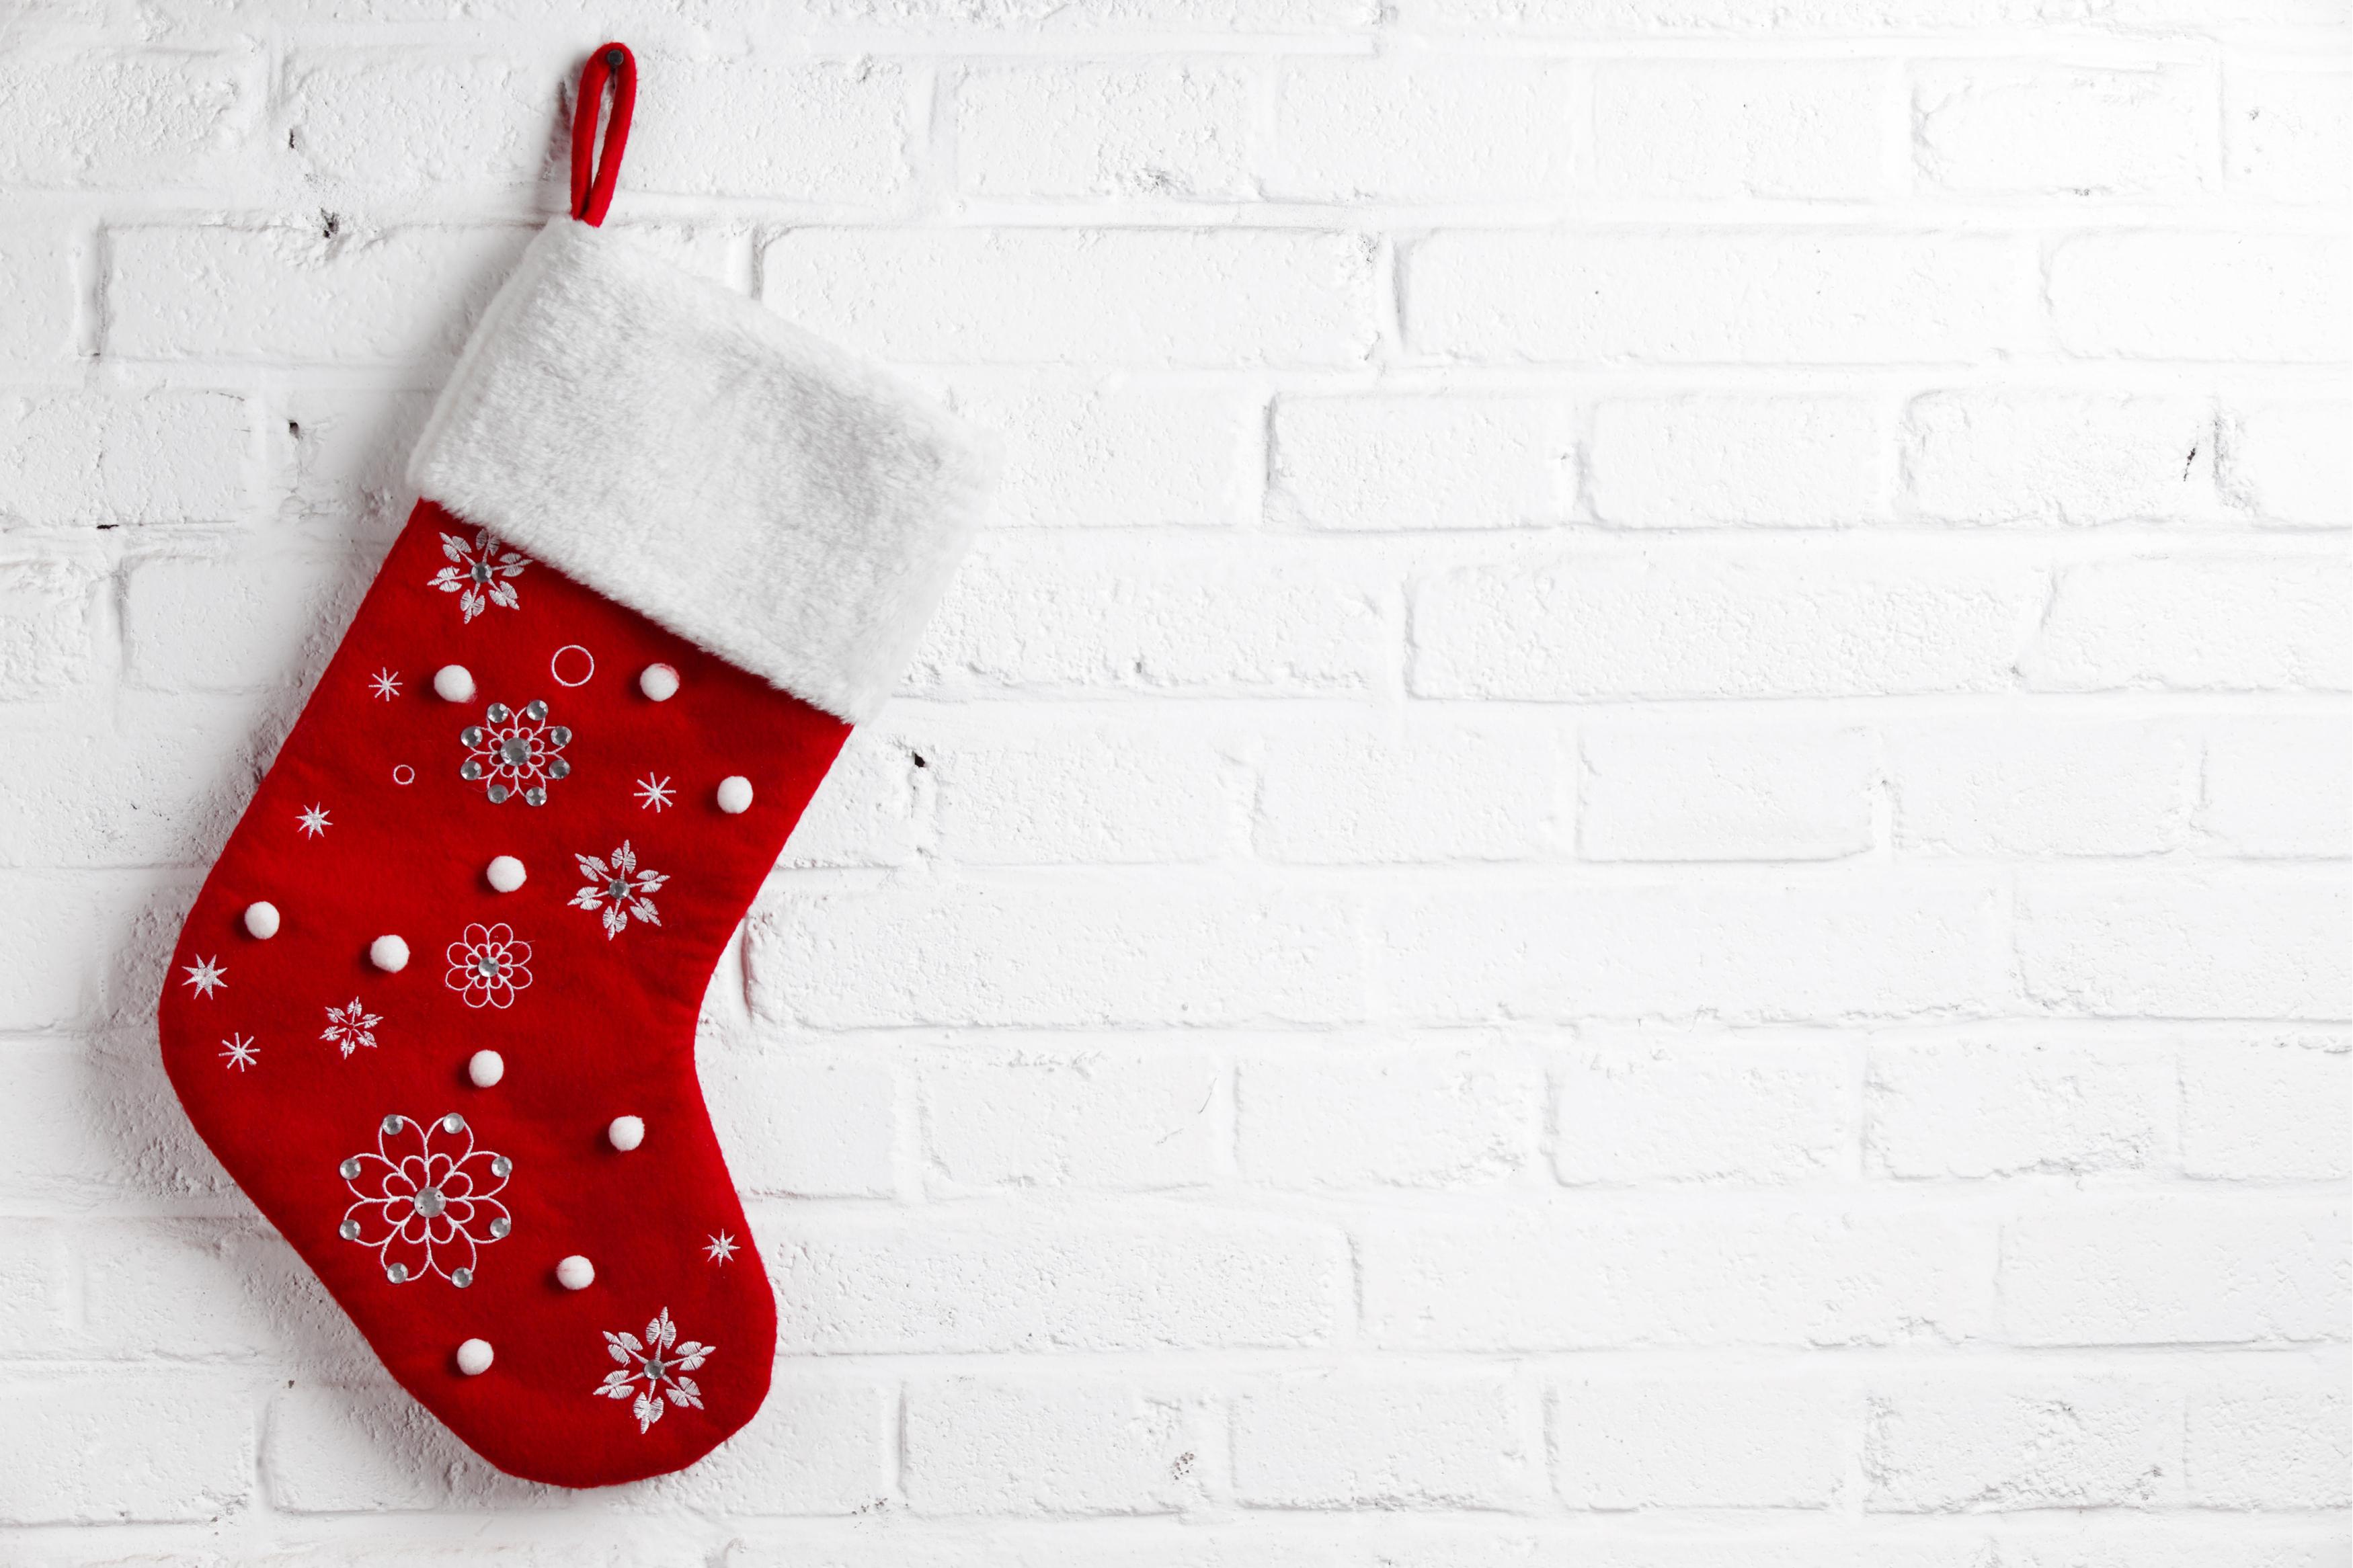 Top 10 leukste cadeaus on a budget